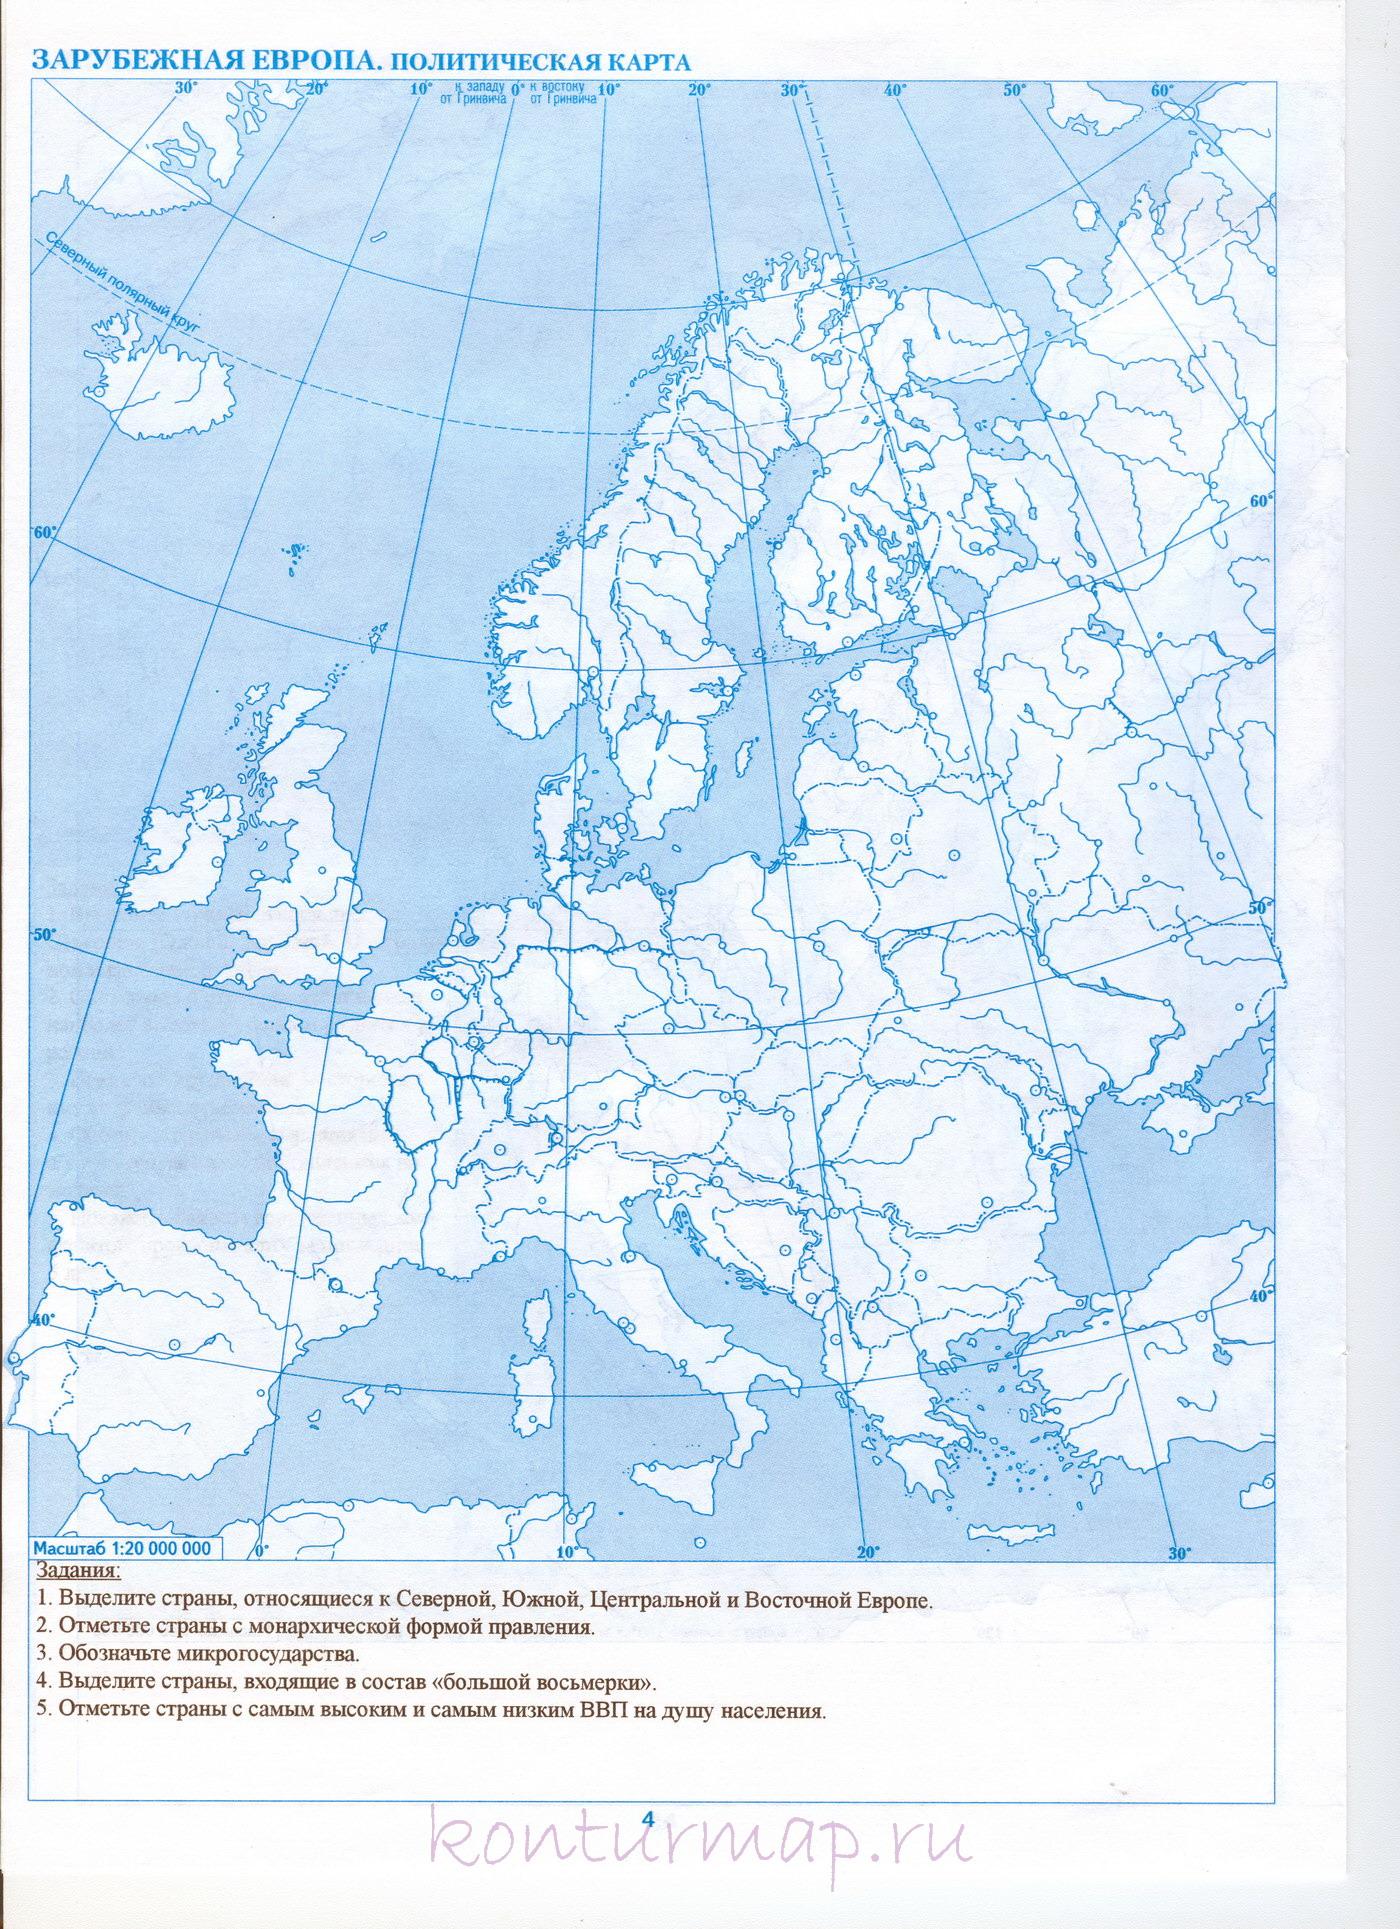 Контурные карты по географии 10 класс зарубежная европа